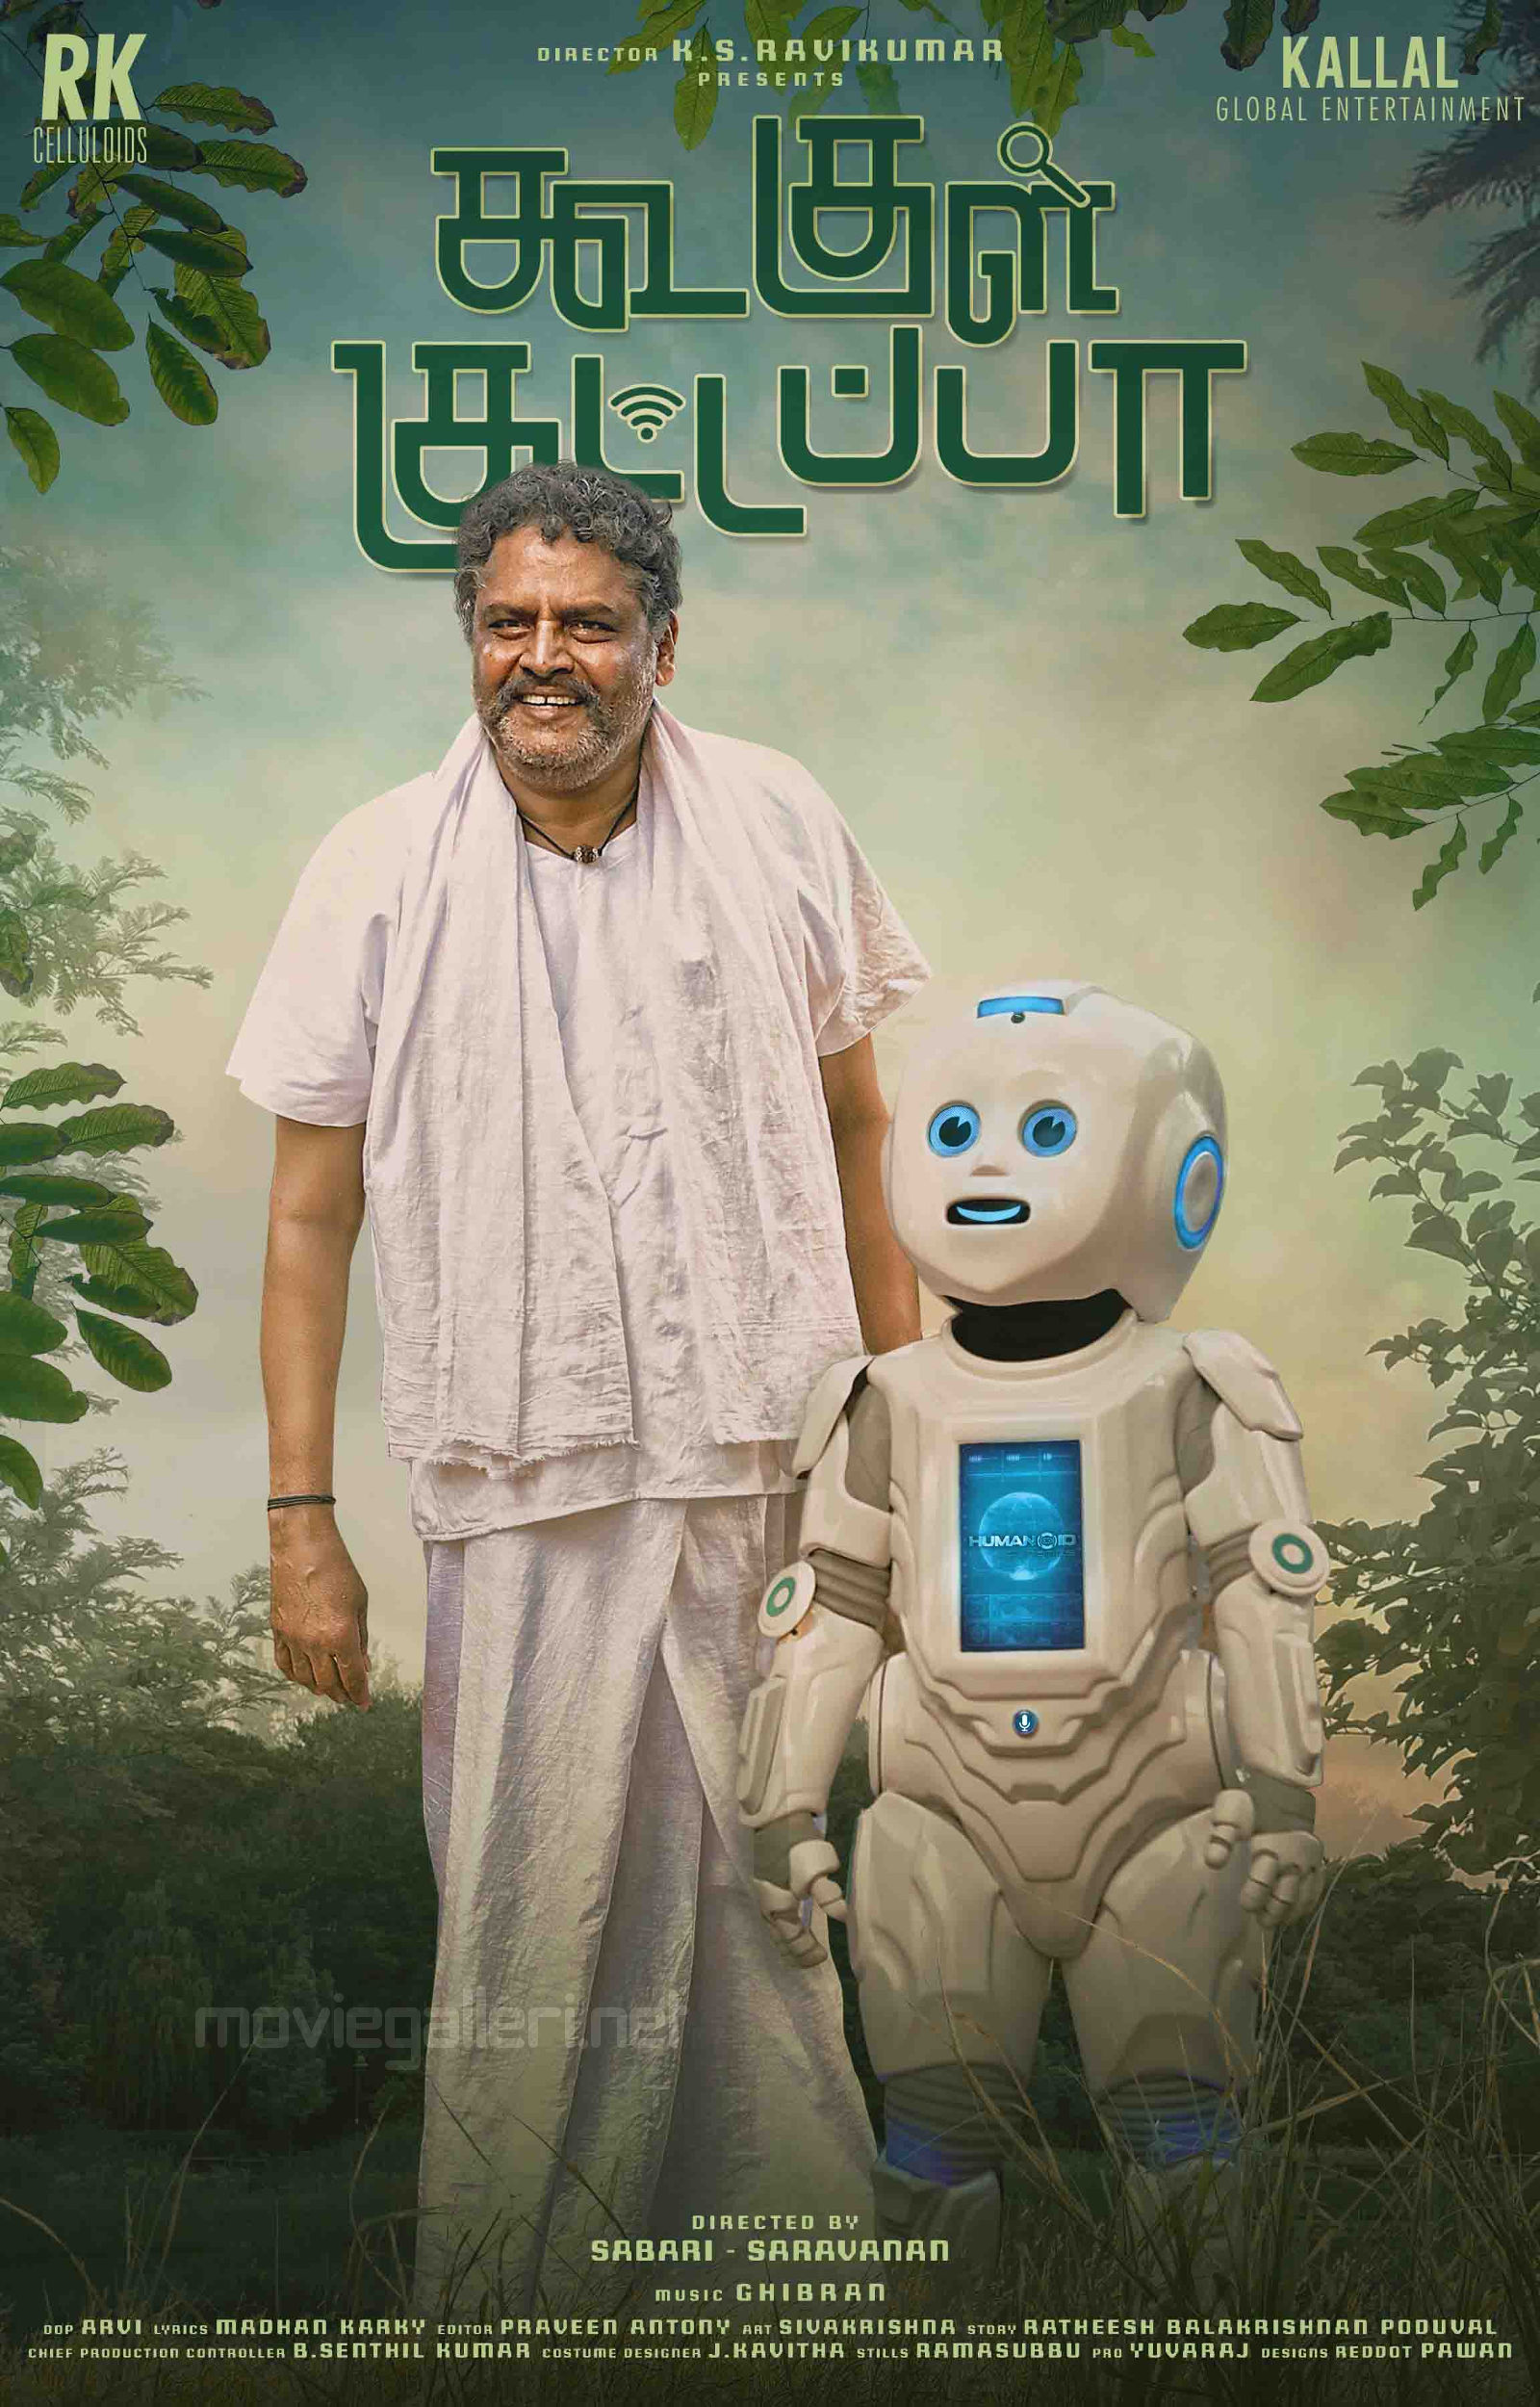 KS Ravikumar Google Kuttappa Movie First Look Poster HD